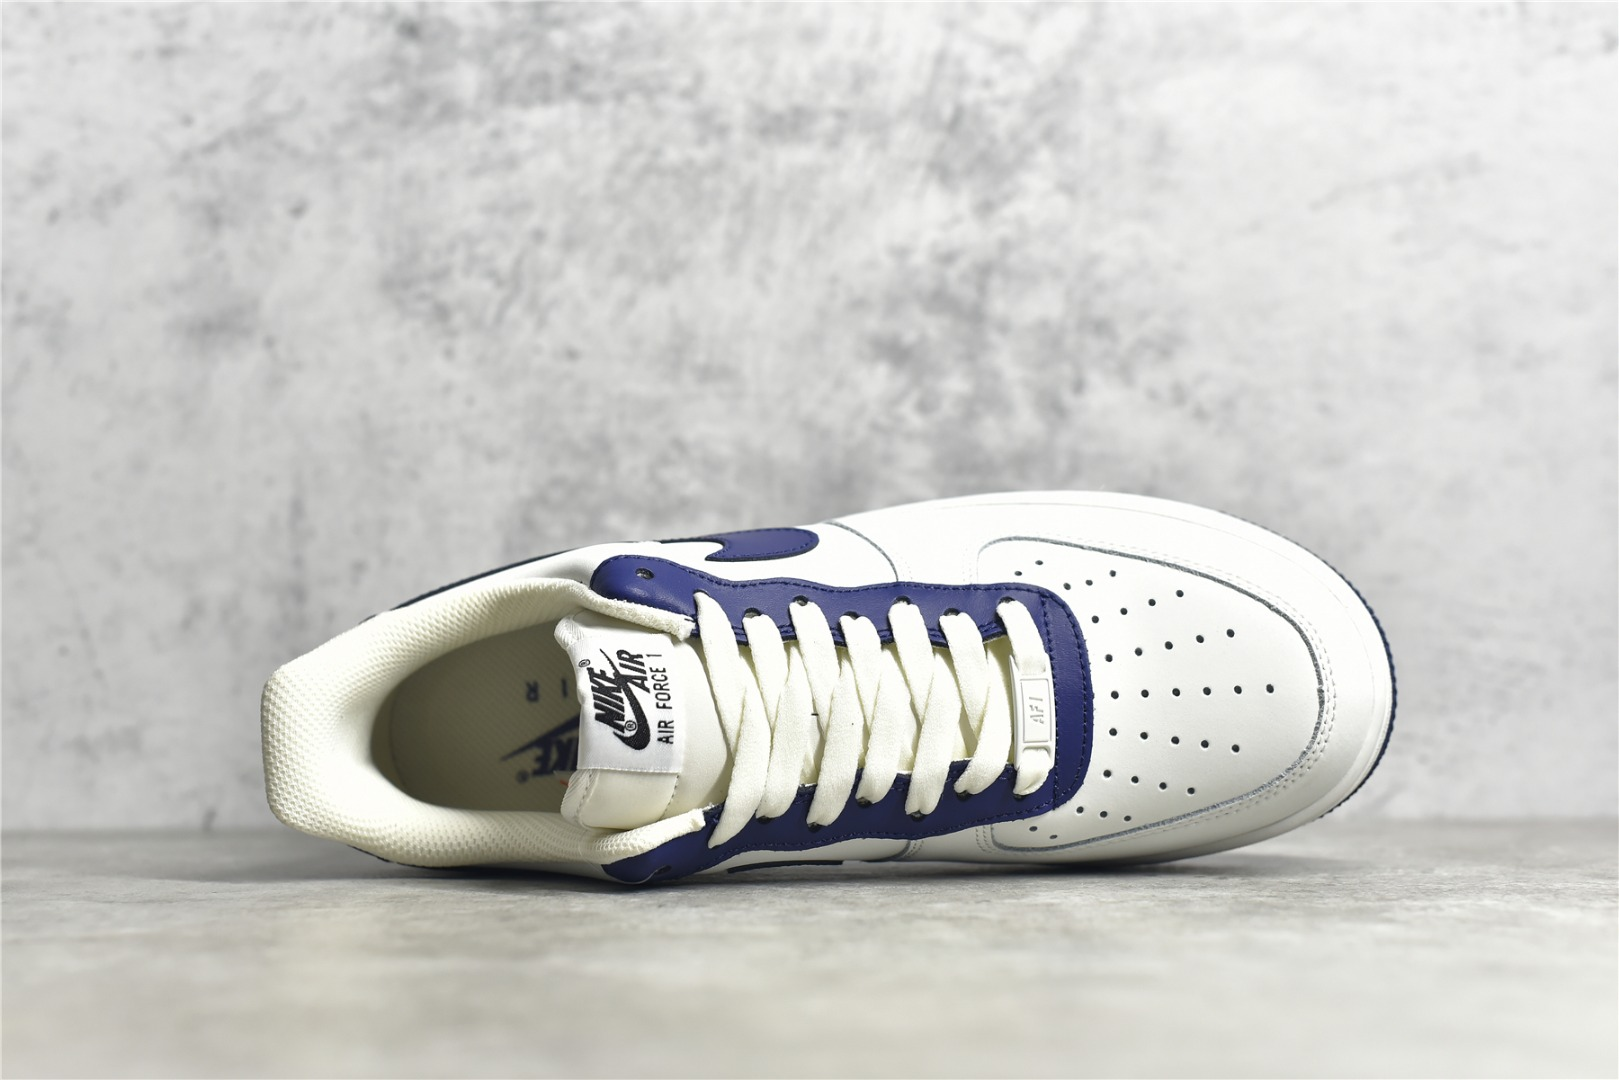 耐克空军白蓝低帮 Nike Air Force 1 Low 耐克空军米蓝拼接 耐克空军复刻 货号:AL2236-106-潮流者之家